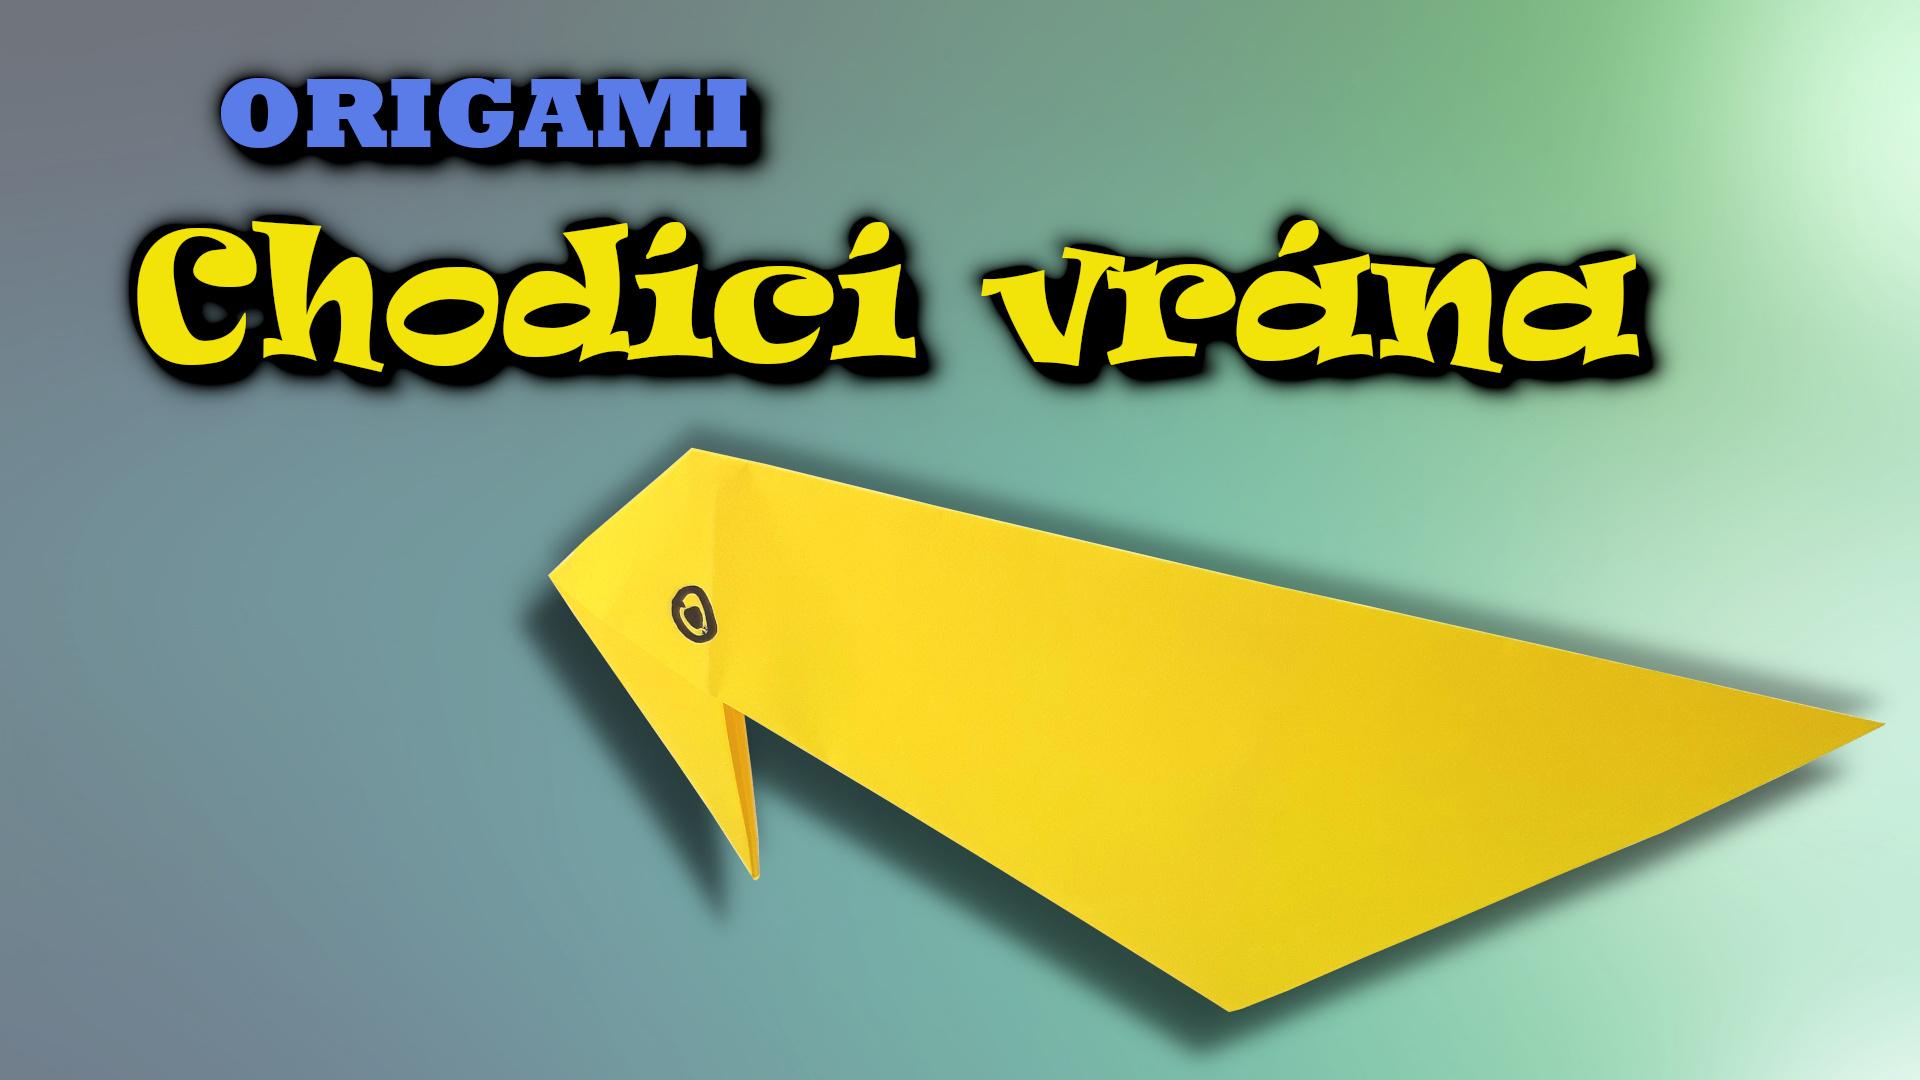 Origami chodící vrána - jak složit vránu z papíru